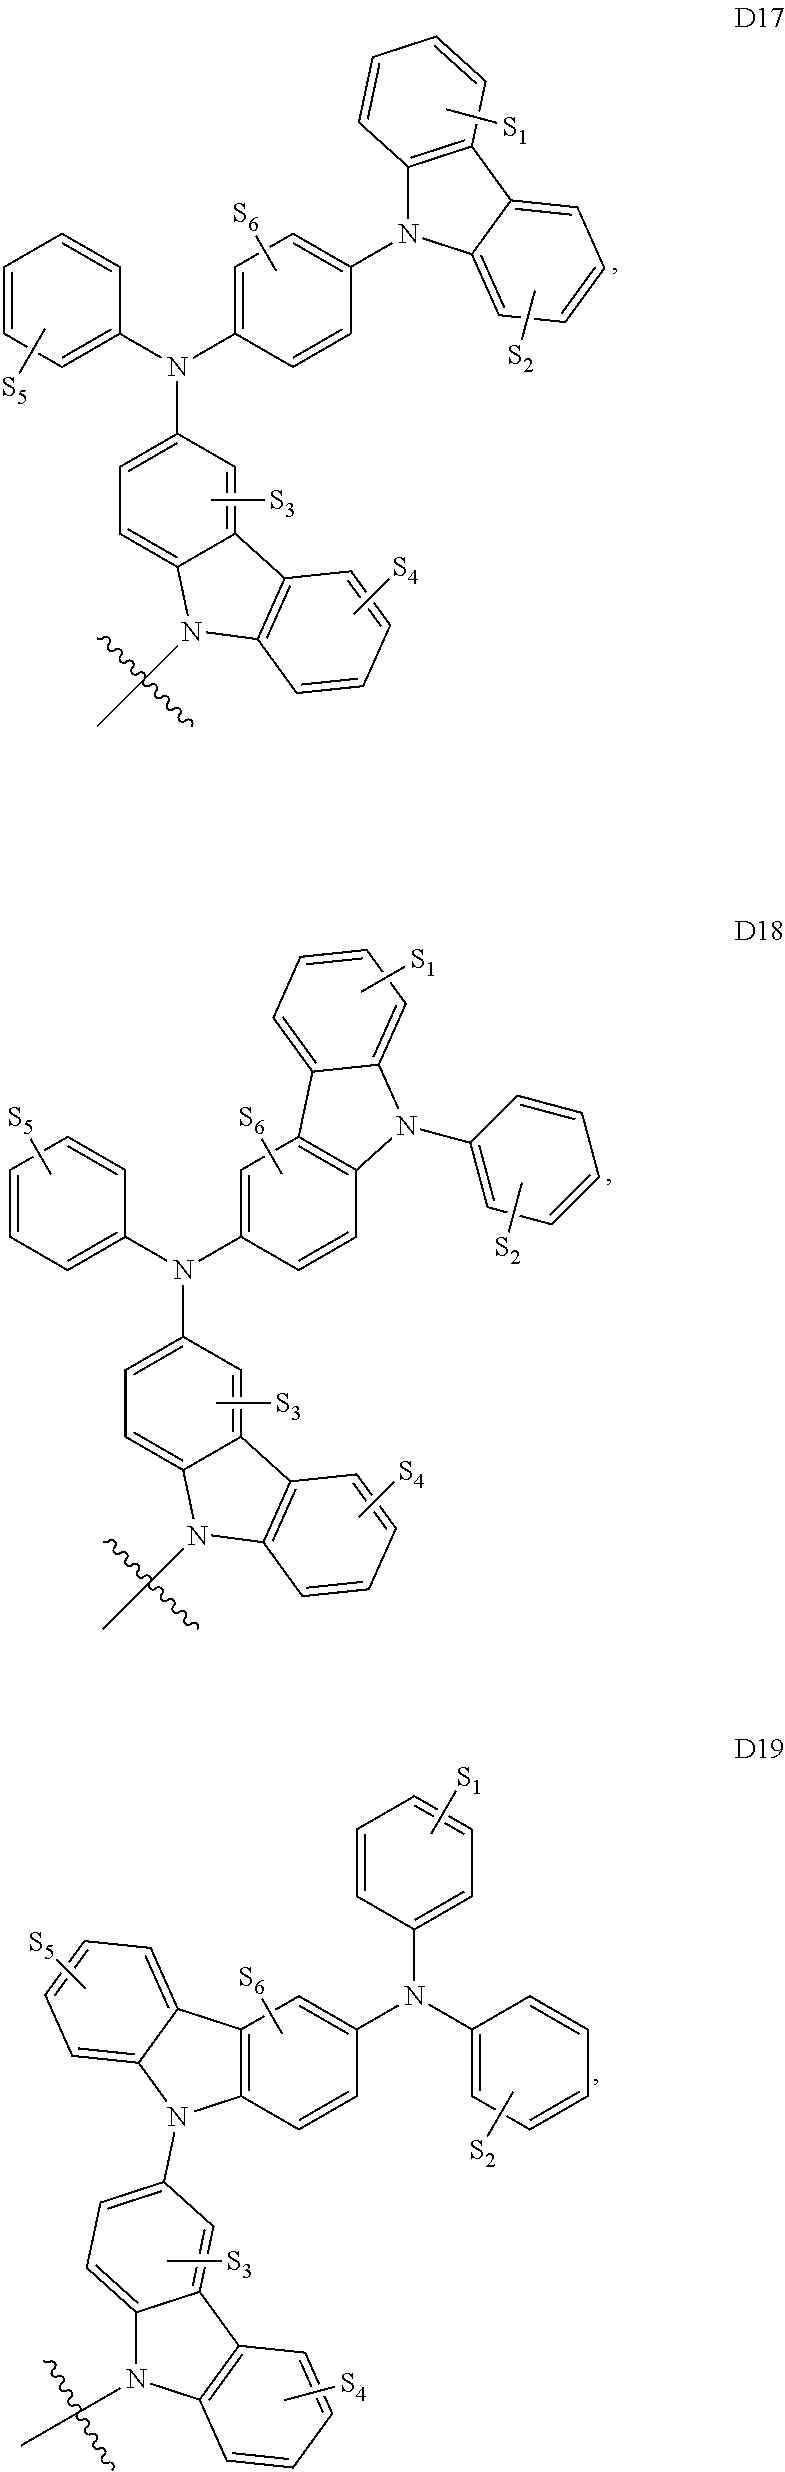 Figure US09537106-20170103-C00473